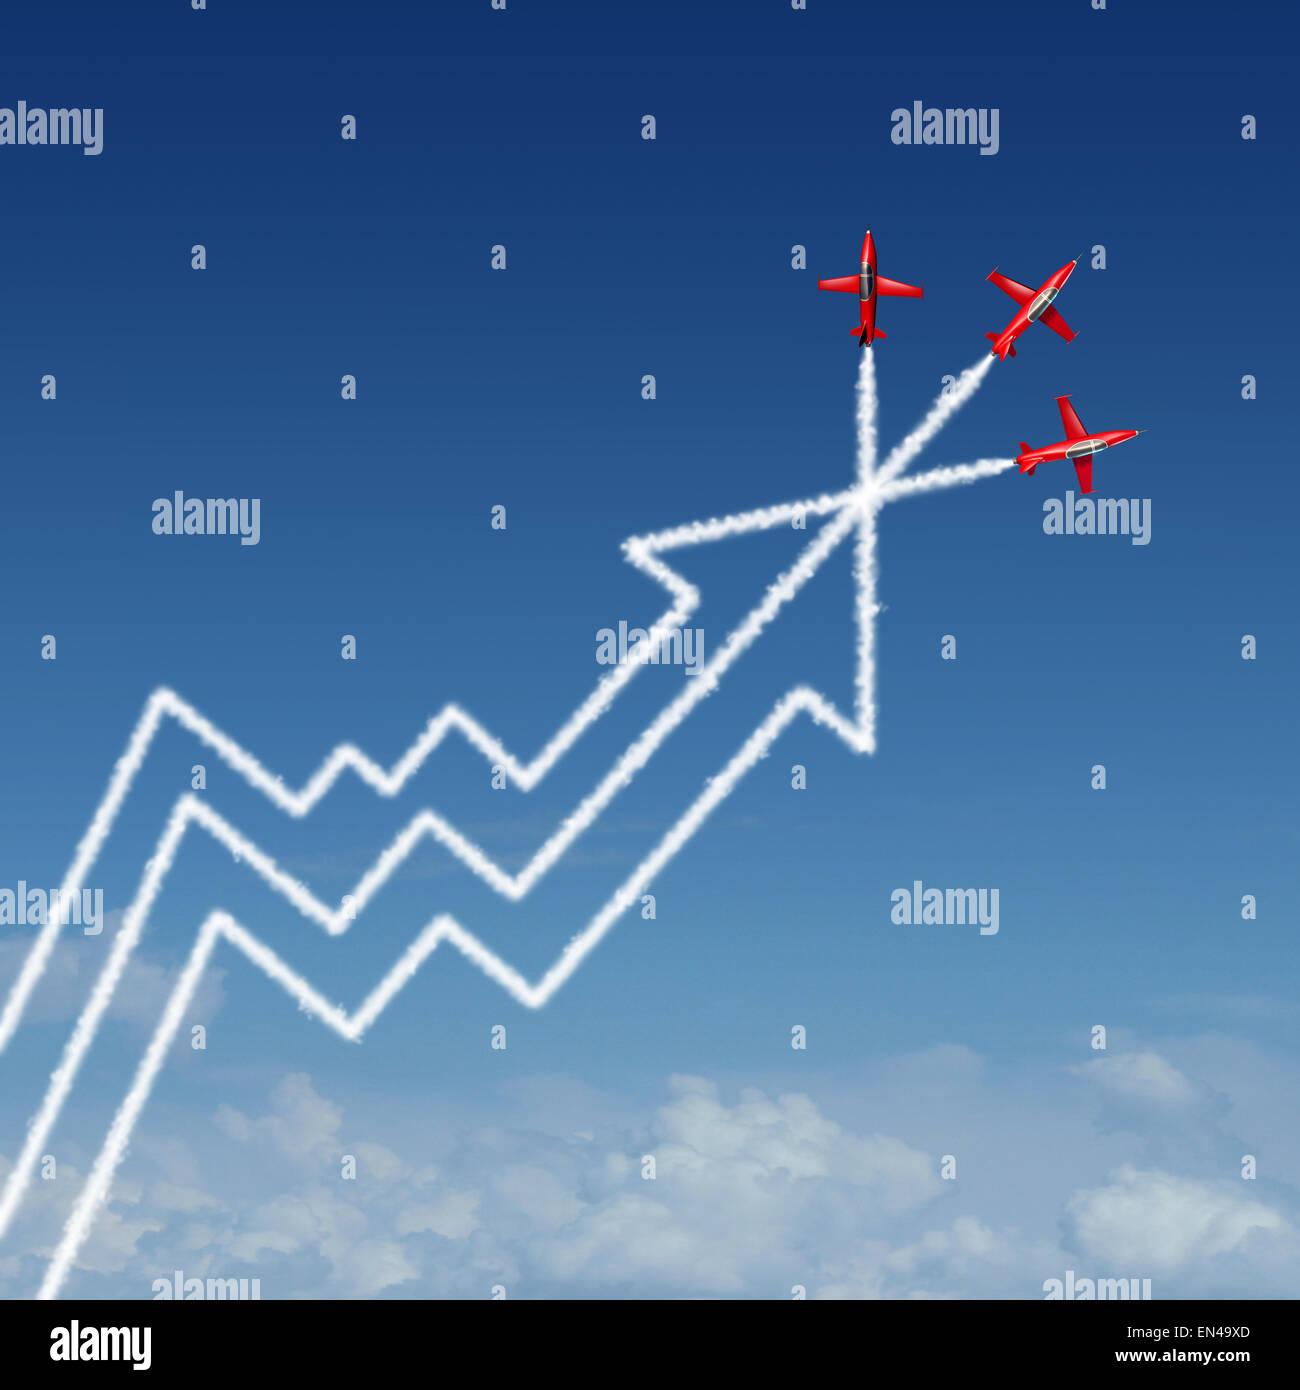 Rendement financier Rapport annuel concept d'entreprise comme un groupe d'acrobatie du spectacle aérien Photo Stock